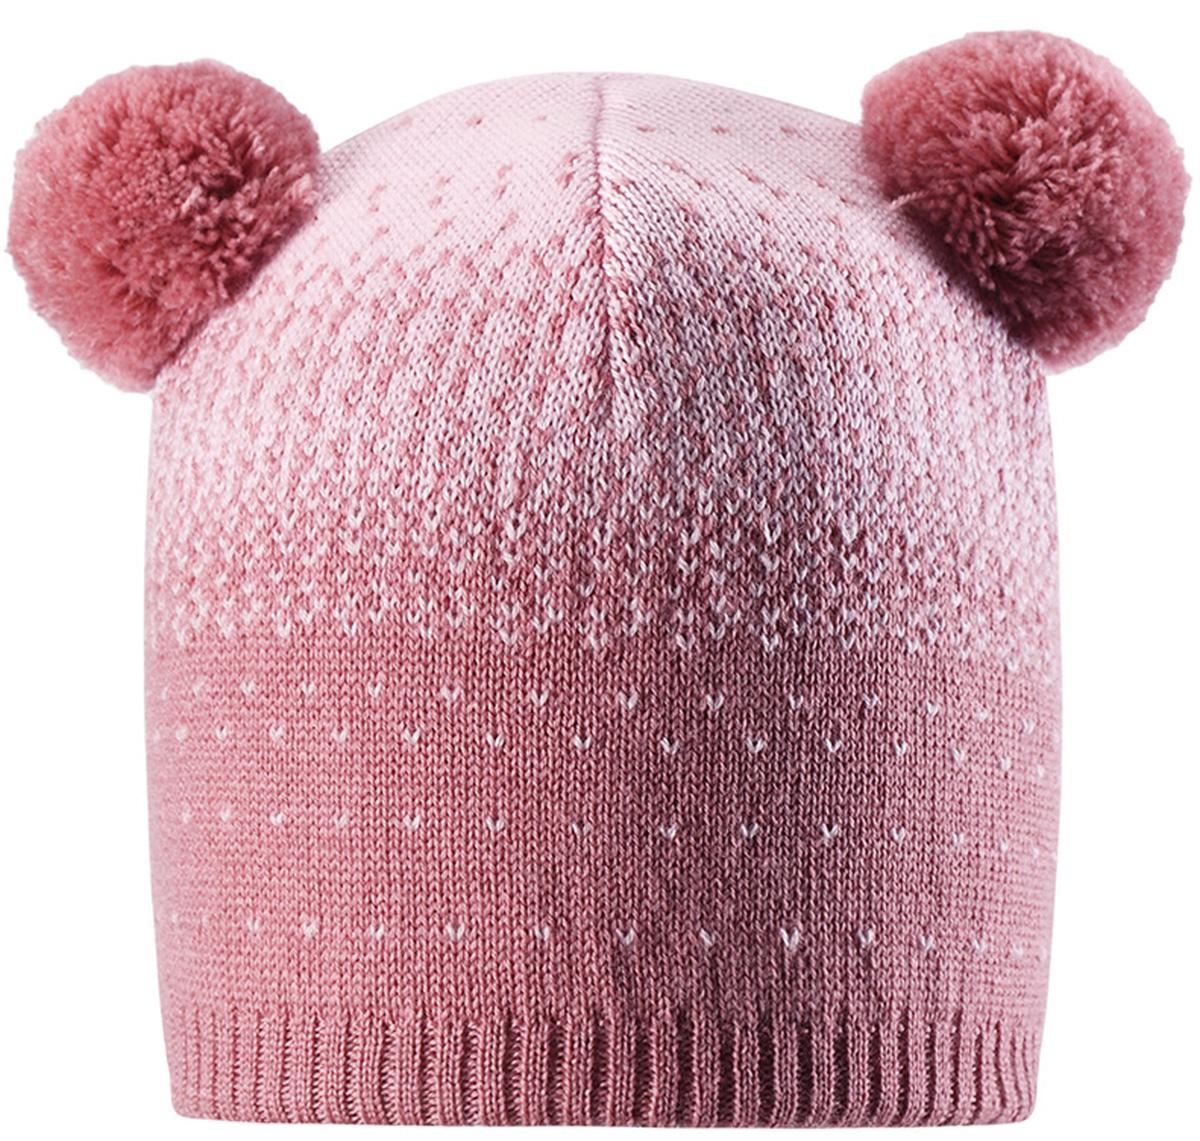 Шапка-бини для девочек Reima Saana, цвет: розовый. 5285514320. Размер 565285514320